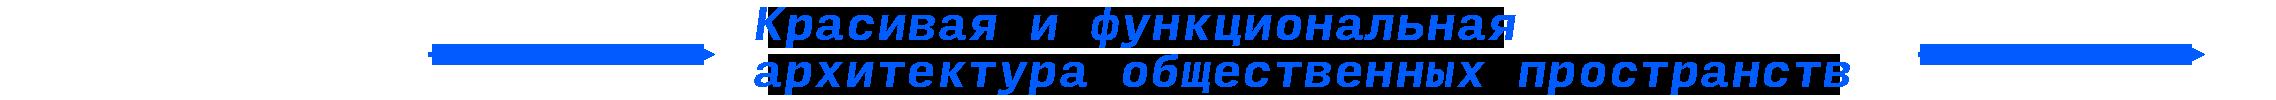 Karapetian Bureau